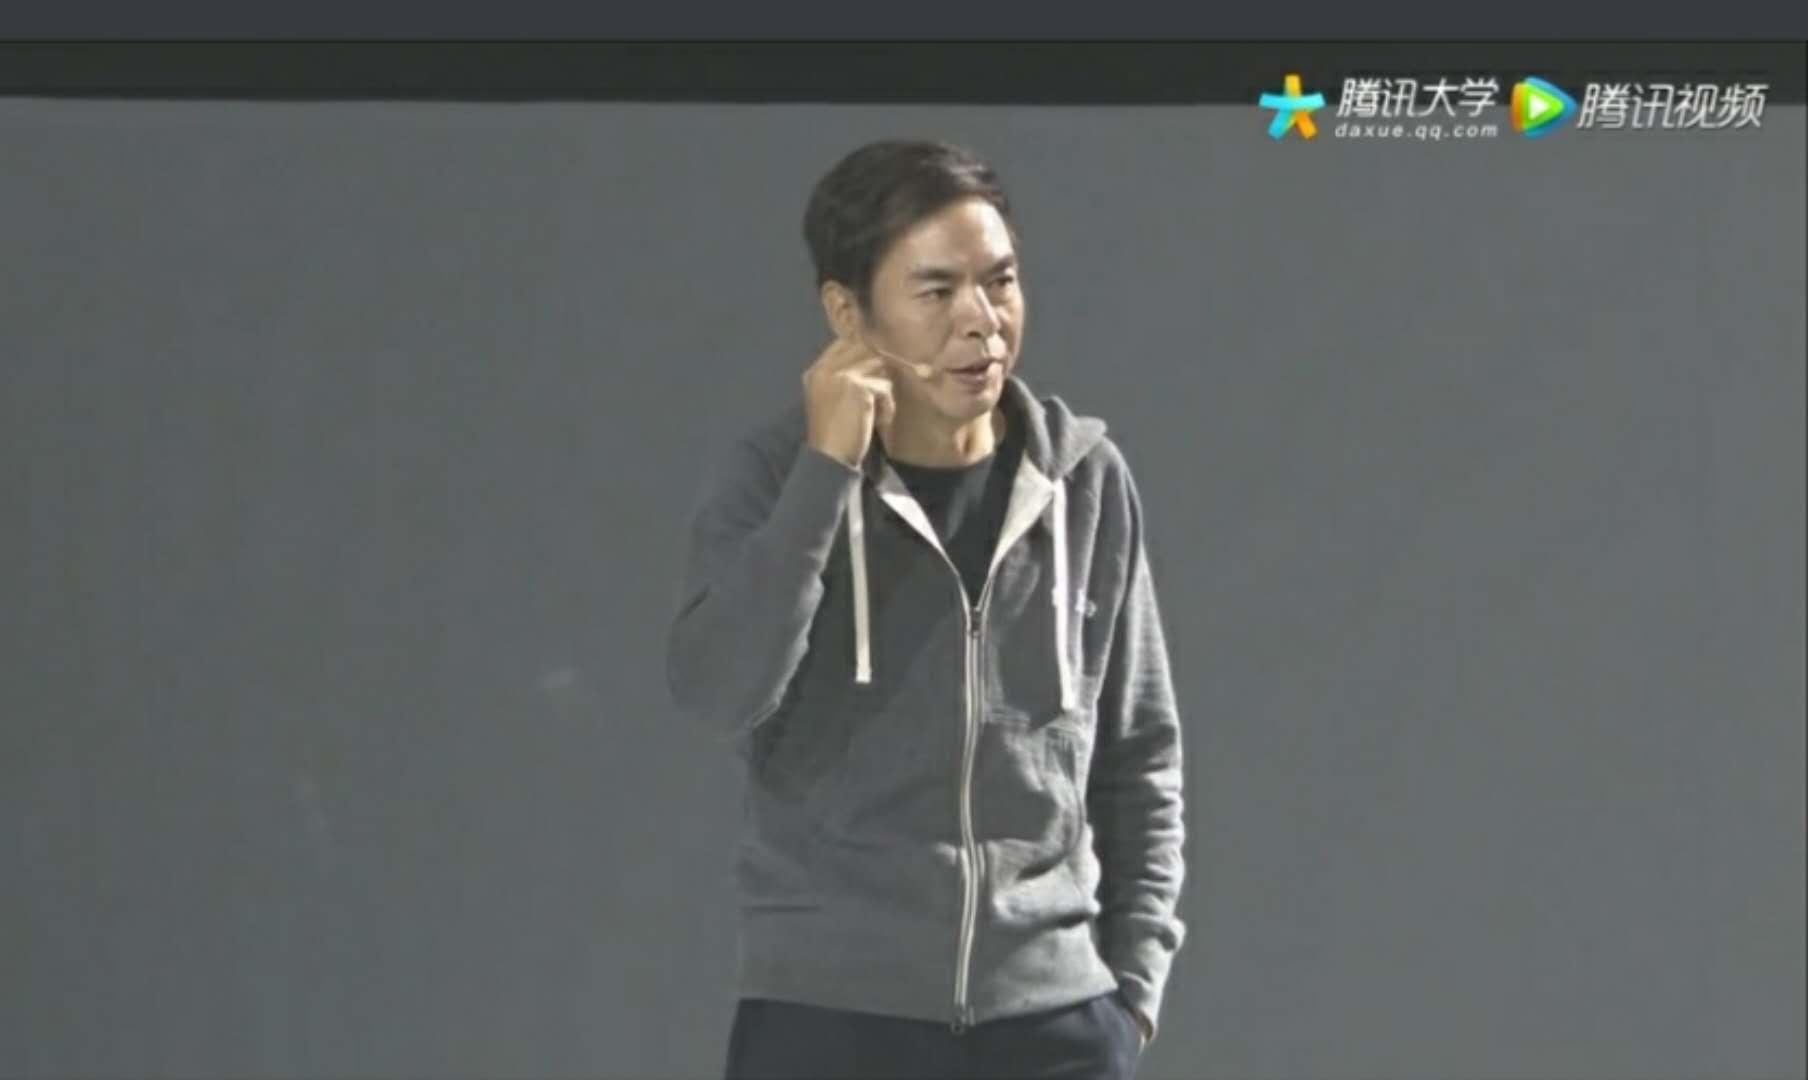 张小龙:苹果打赏纠纷启发思考 钱或直接给作者